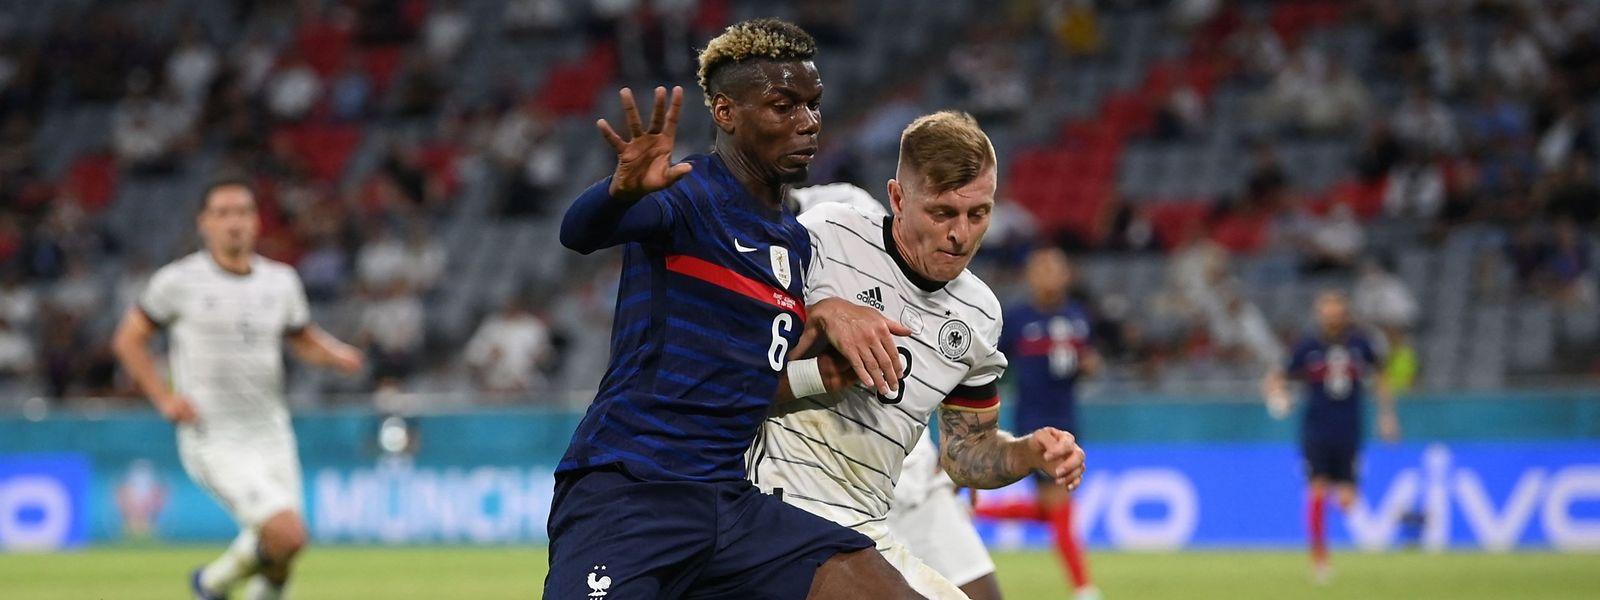 Spannende Fußball-Momente wie das Spiel Deutschland gegen Frankreich am Dienstagabend machen in einer Bar noch mehr Spaß.